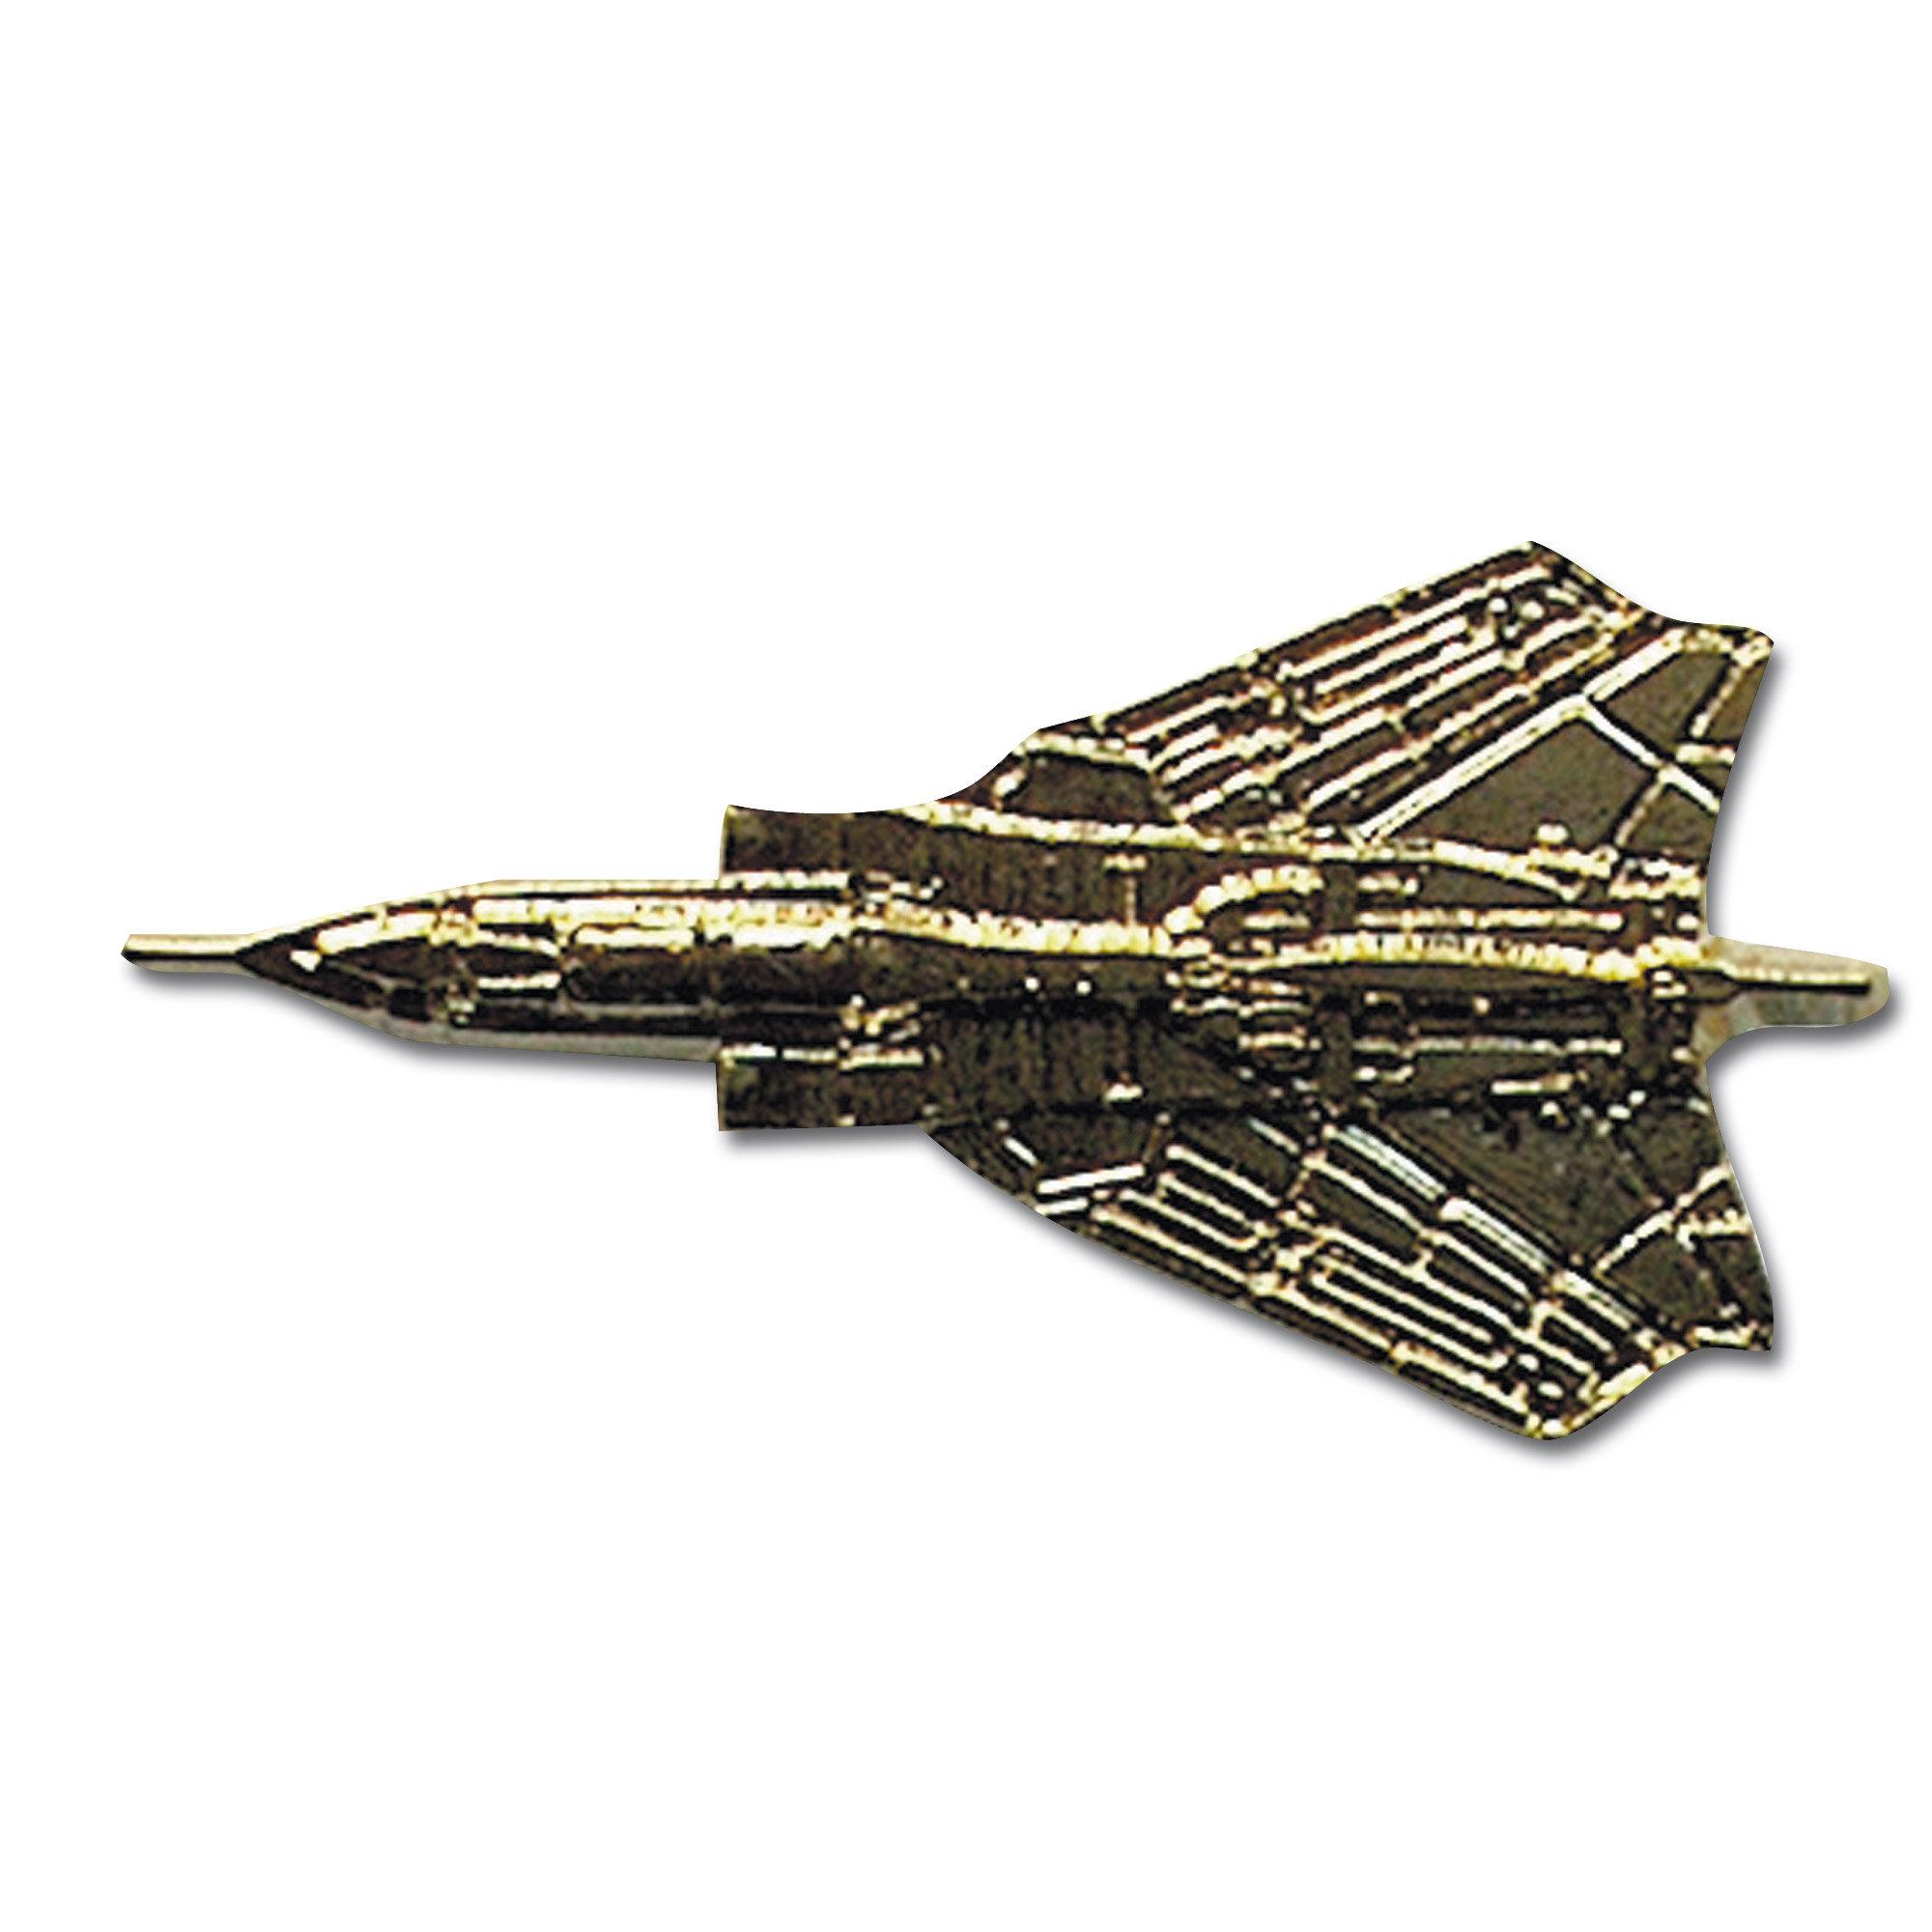 Mini Pin Tornado Fighter